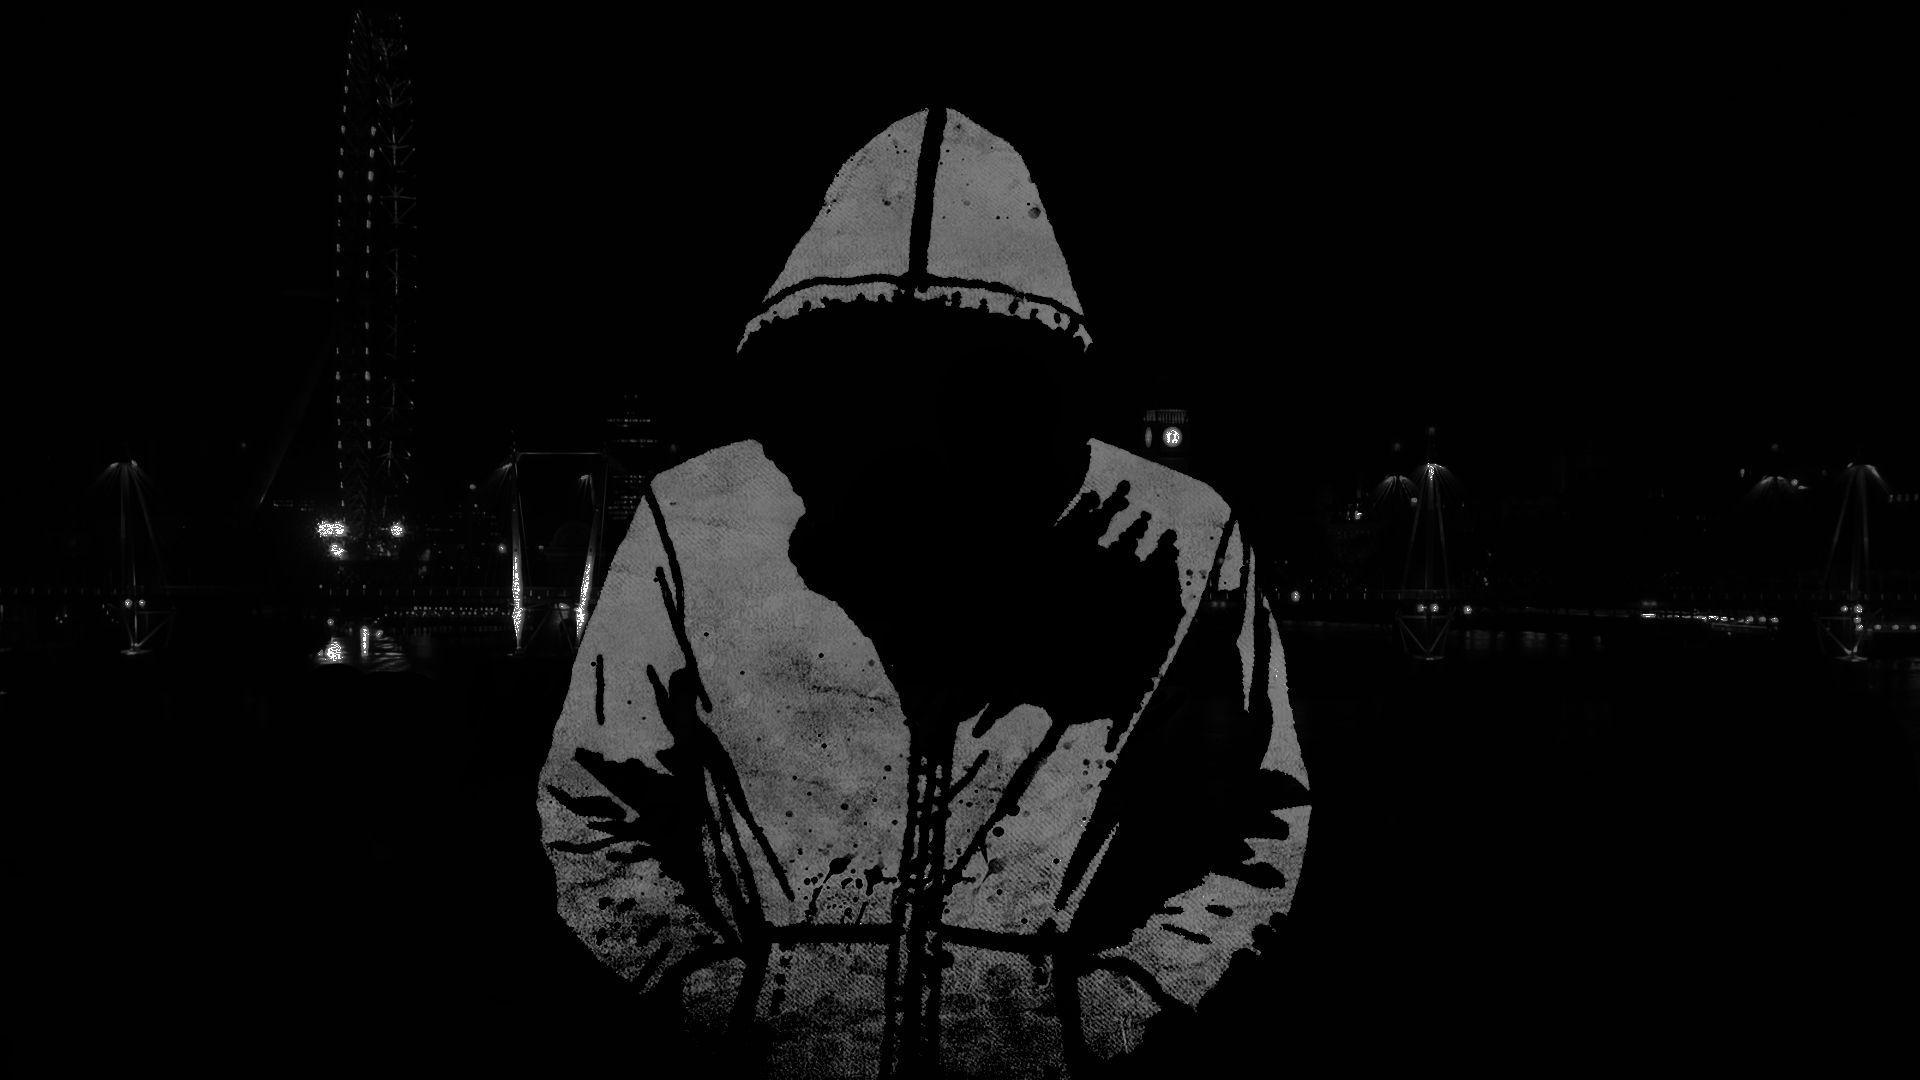 Hoodie wallpapers top free hoodie backgrounds - Anime wallpaper hoodie ...